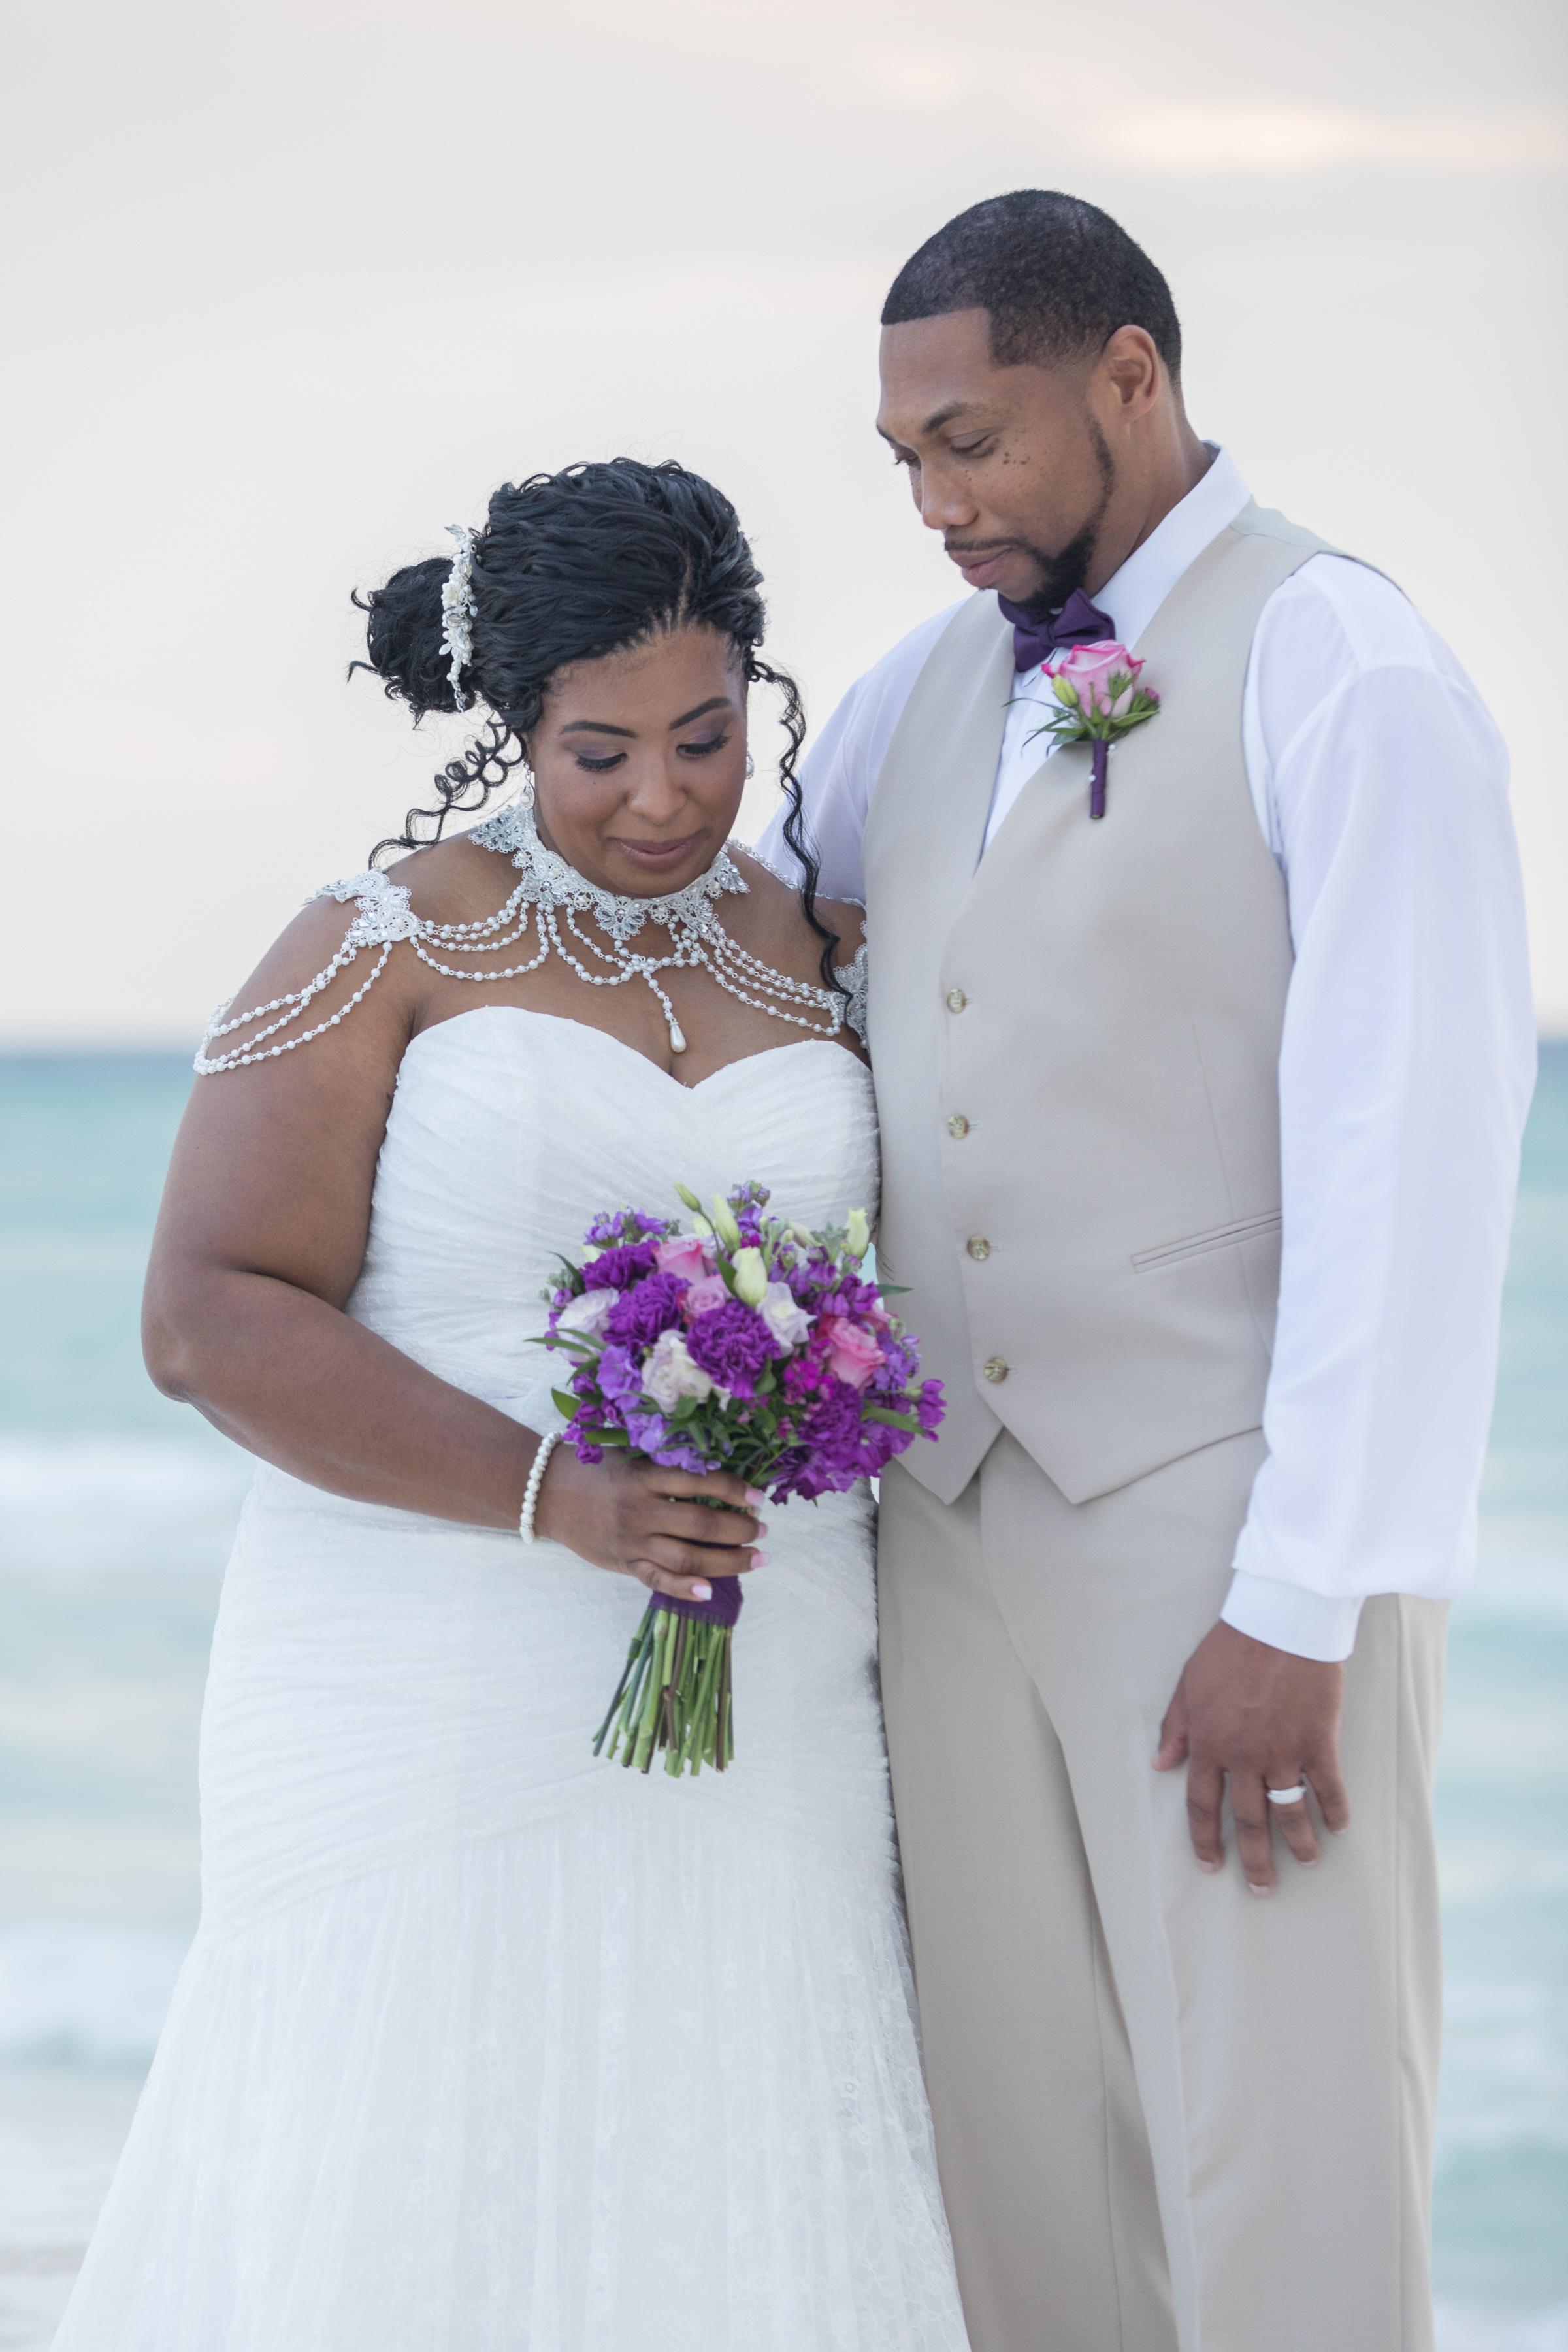 destin beach wedding package picture45_ (2).jpg